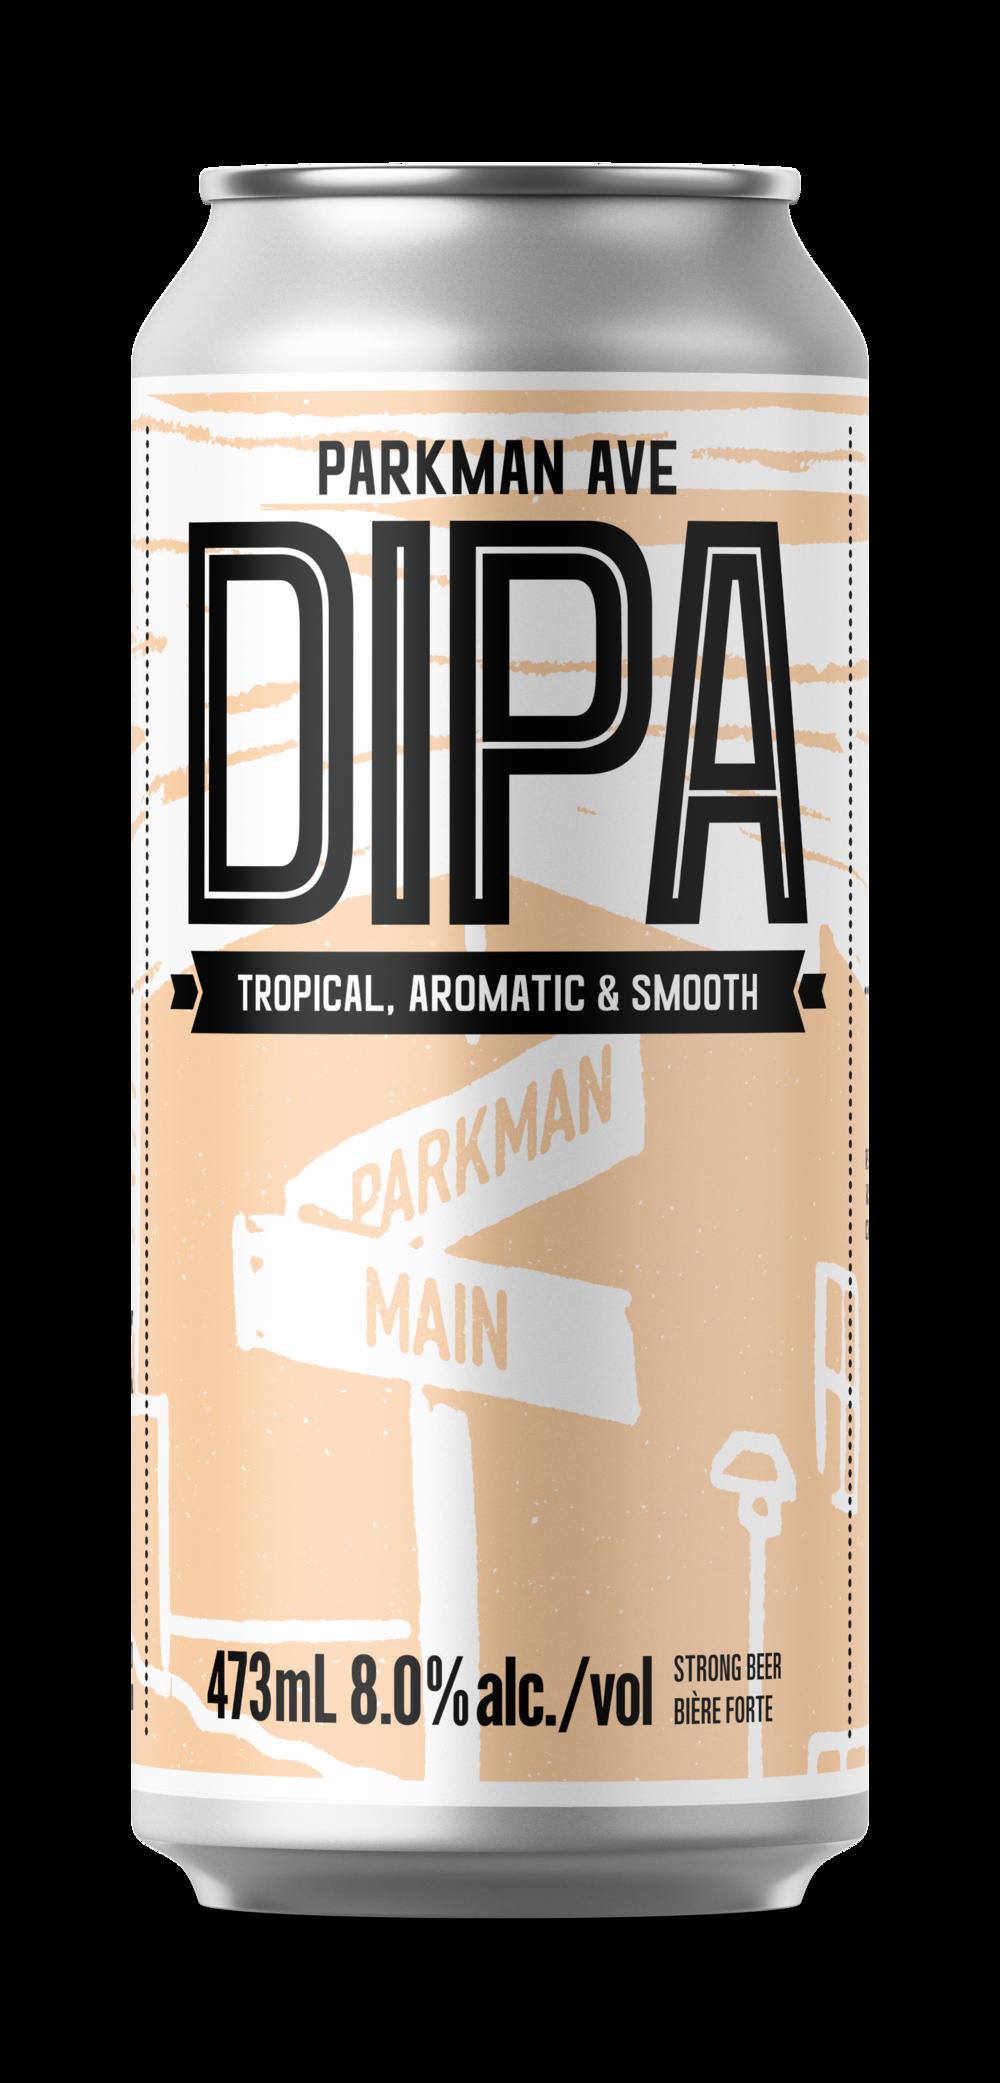 DIPA FinalFrontCan May3.png